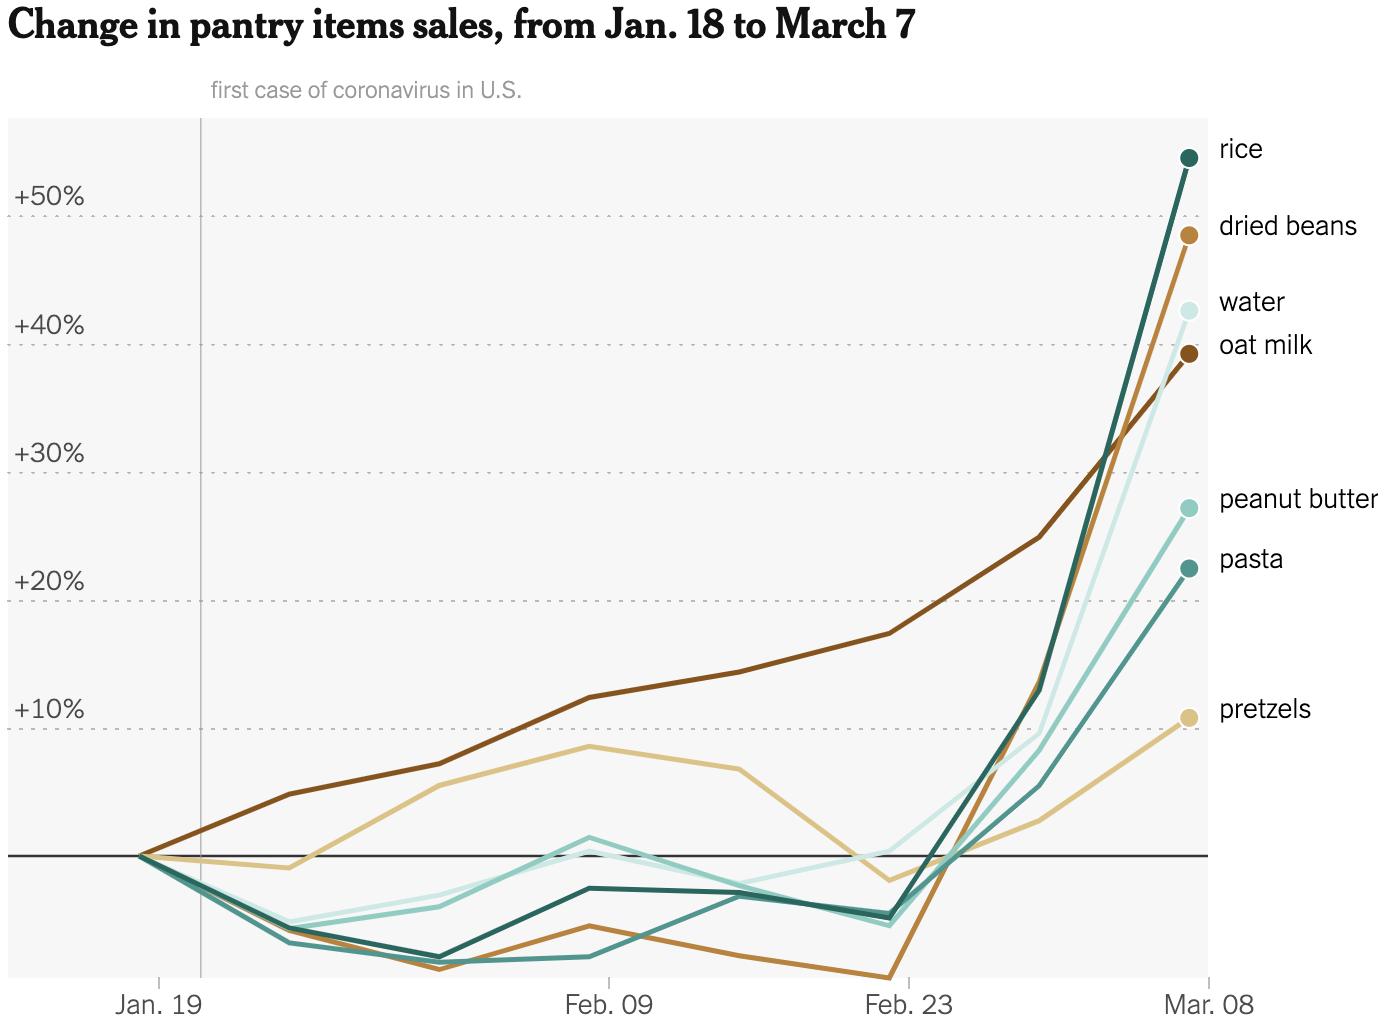 Изменение продаж разных продовольственных товаров в США с 18 января по 7 марта 2020 года: риса, сушеных бобов, воды, овсяного молока, арахисового масла, пасты, кренделей. Источник:TheNew York Times